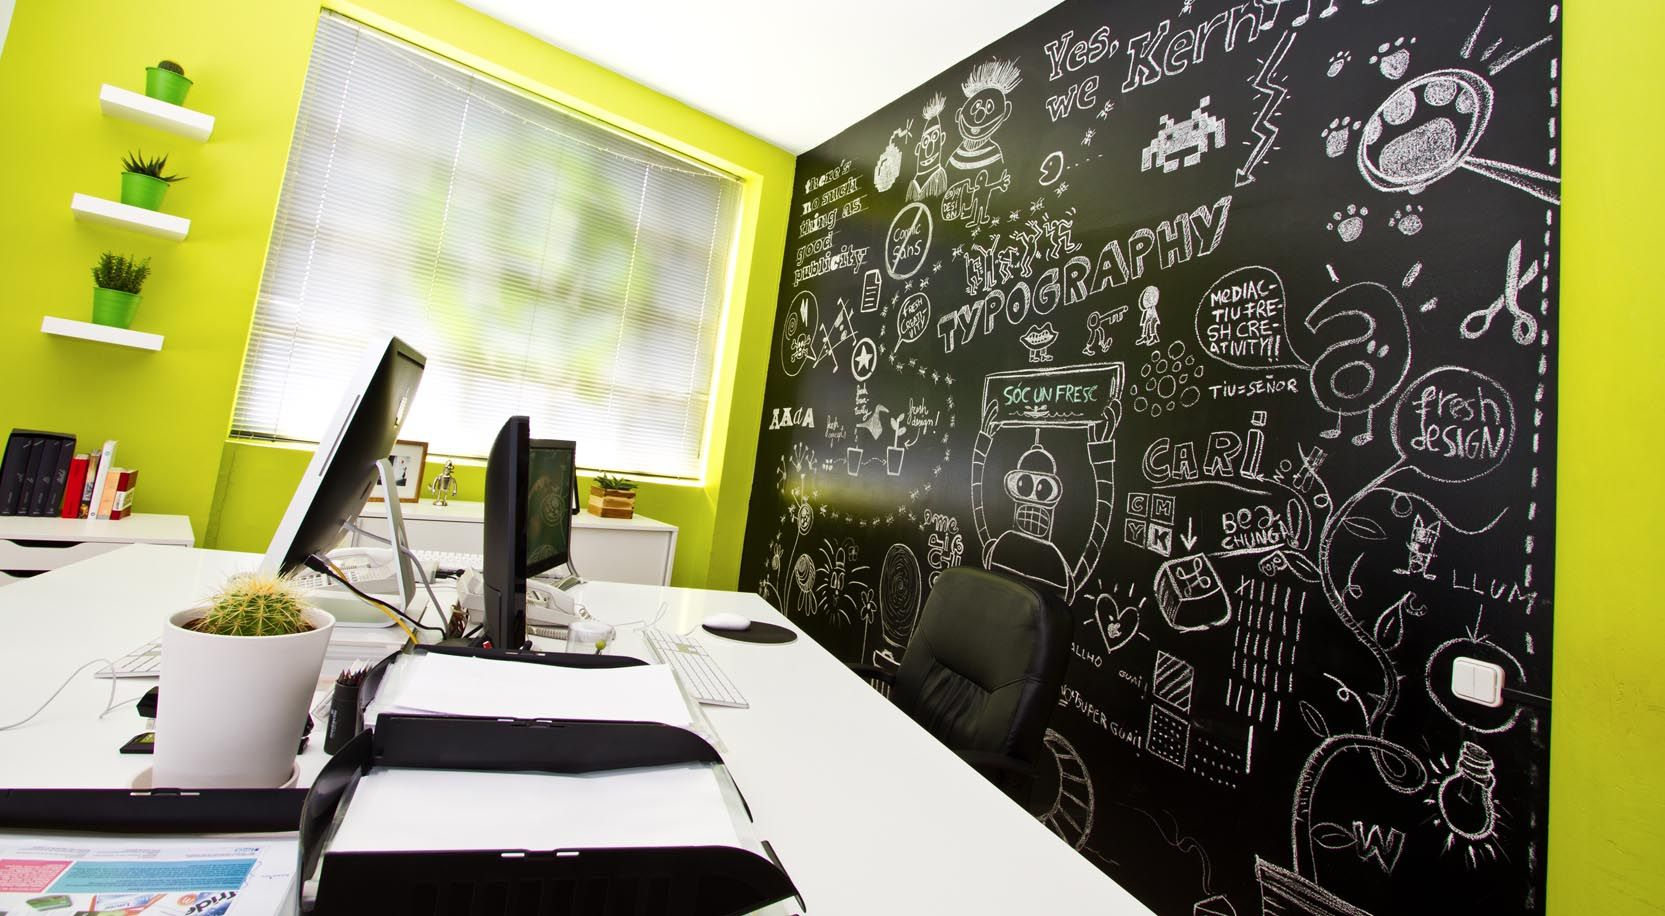 Detalle de la pared de pizarra del estudio de diseño gráfico y ...